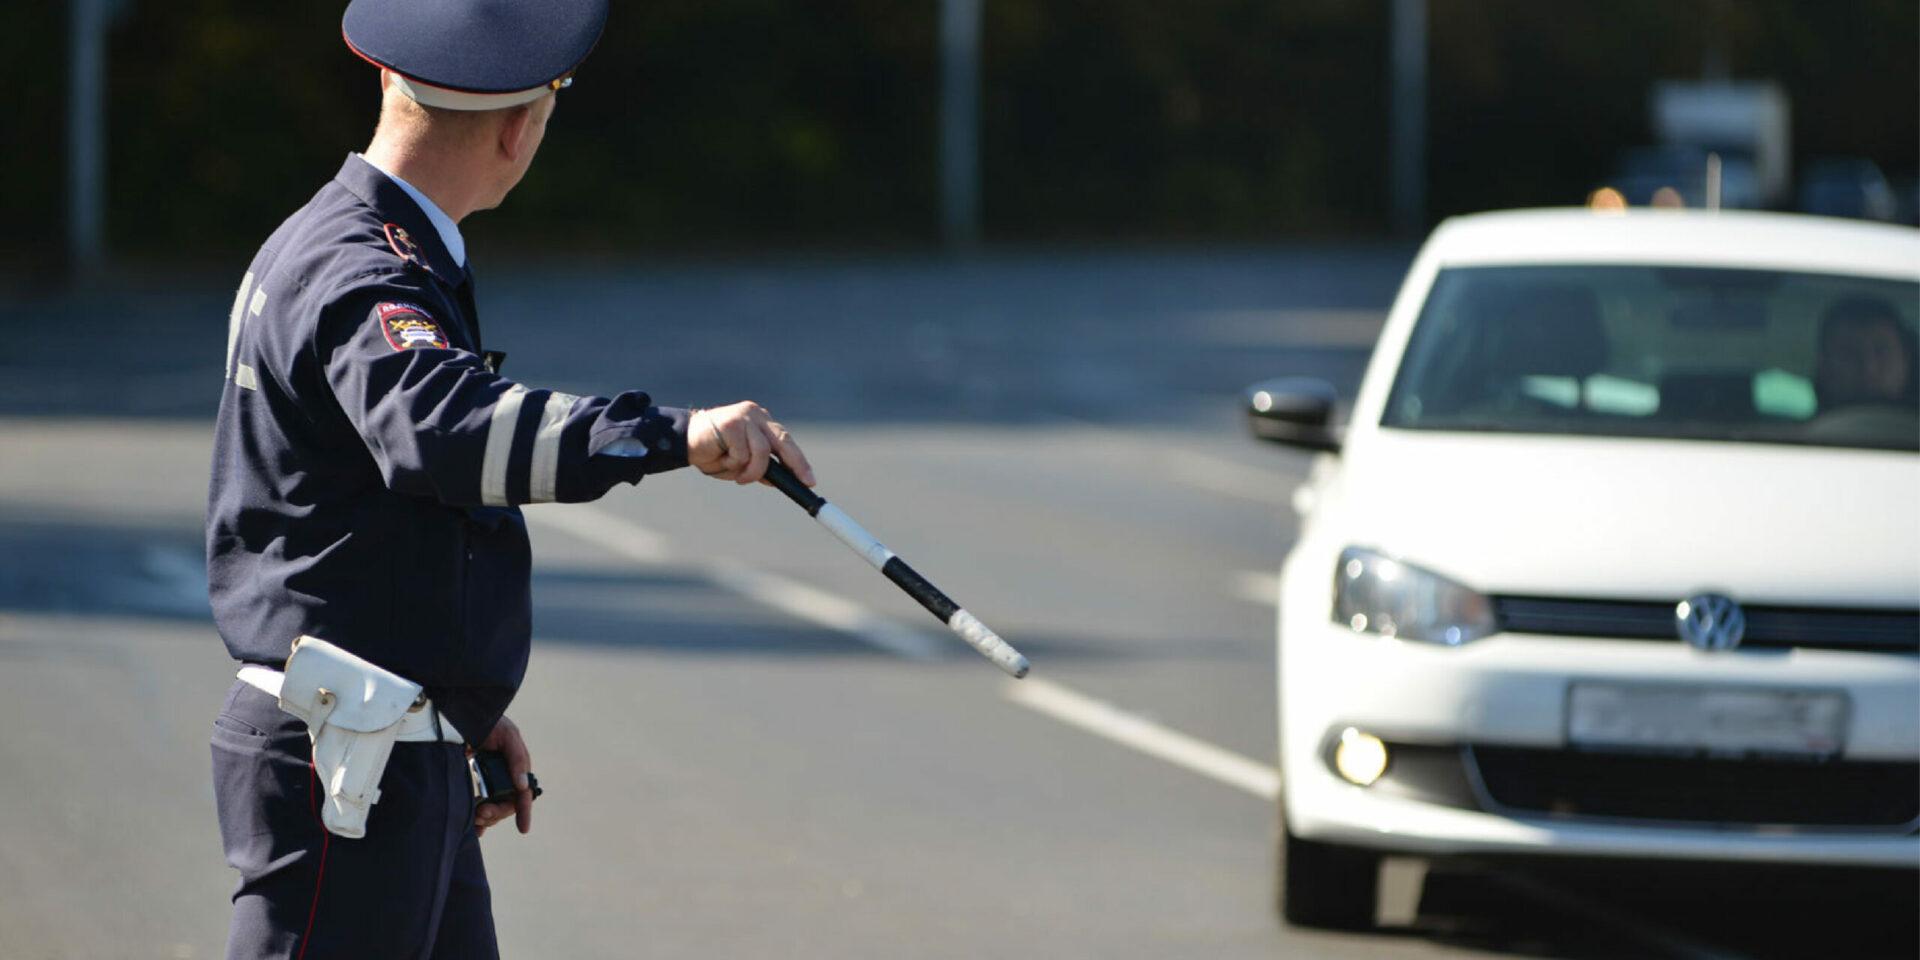 Житель Югорска повторно задержан за управление транспортным средством в состоянии алкогольного опьянения